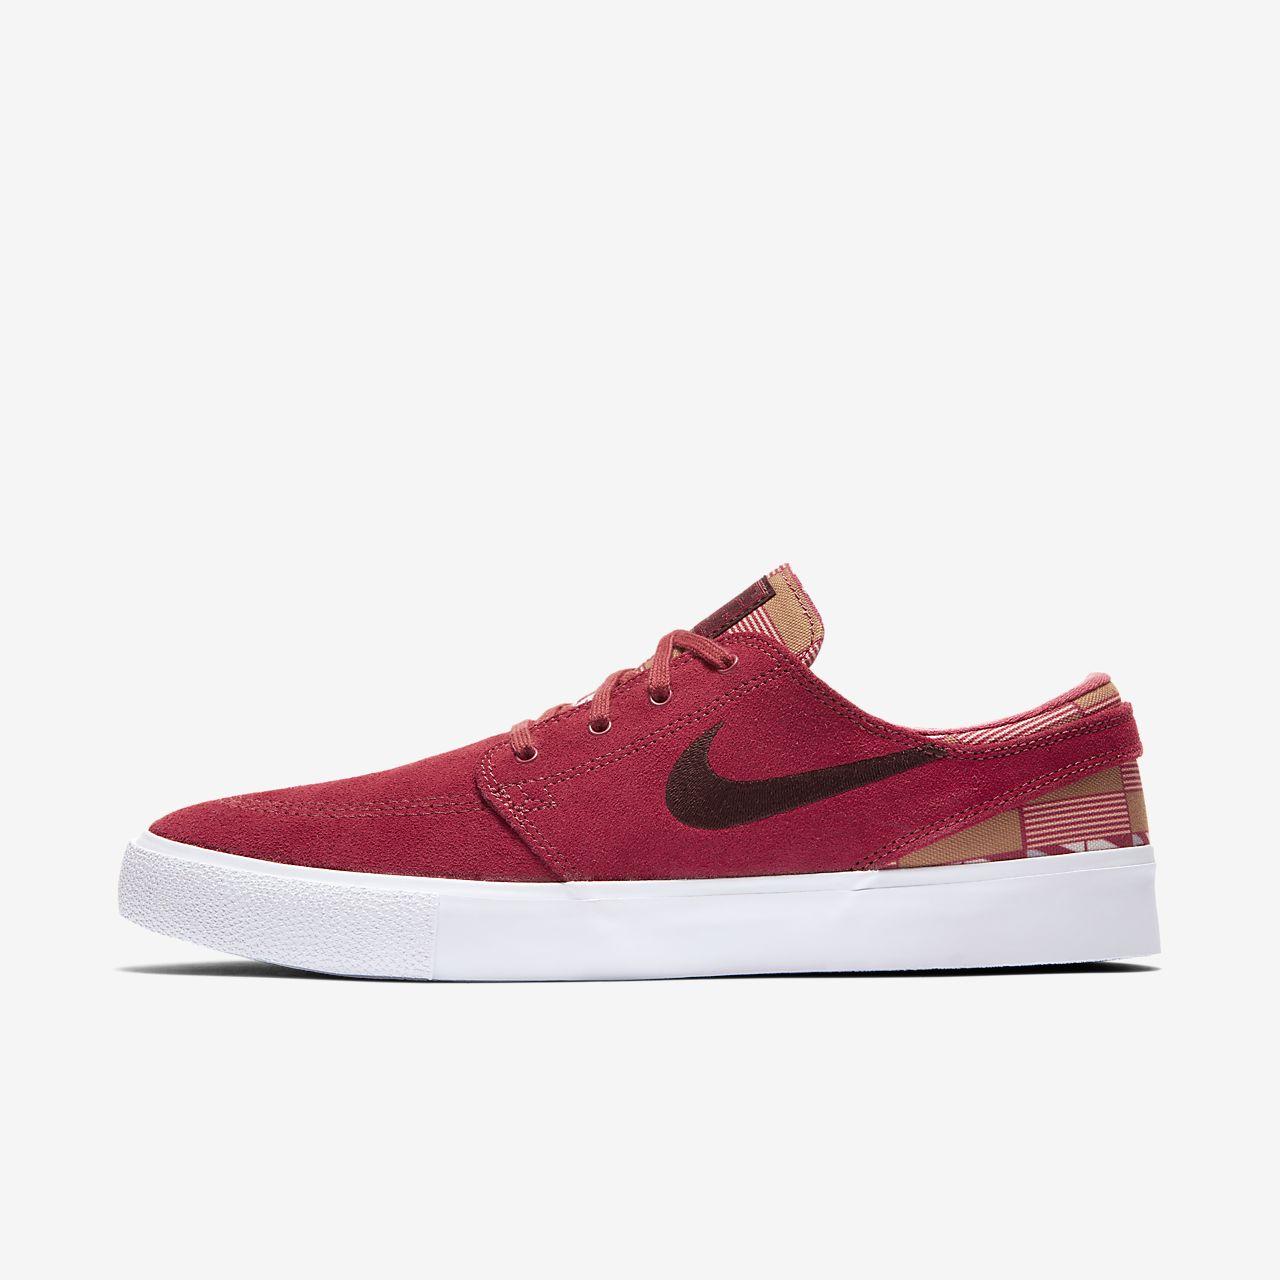 Nike SB Zoom Stefan Janoski RM Premium Kaykay Ayakkabısı